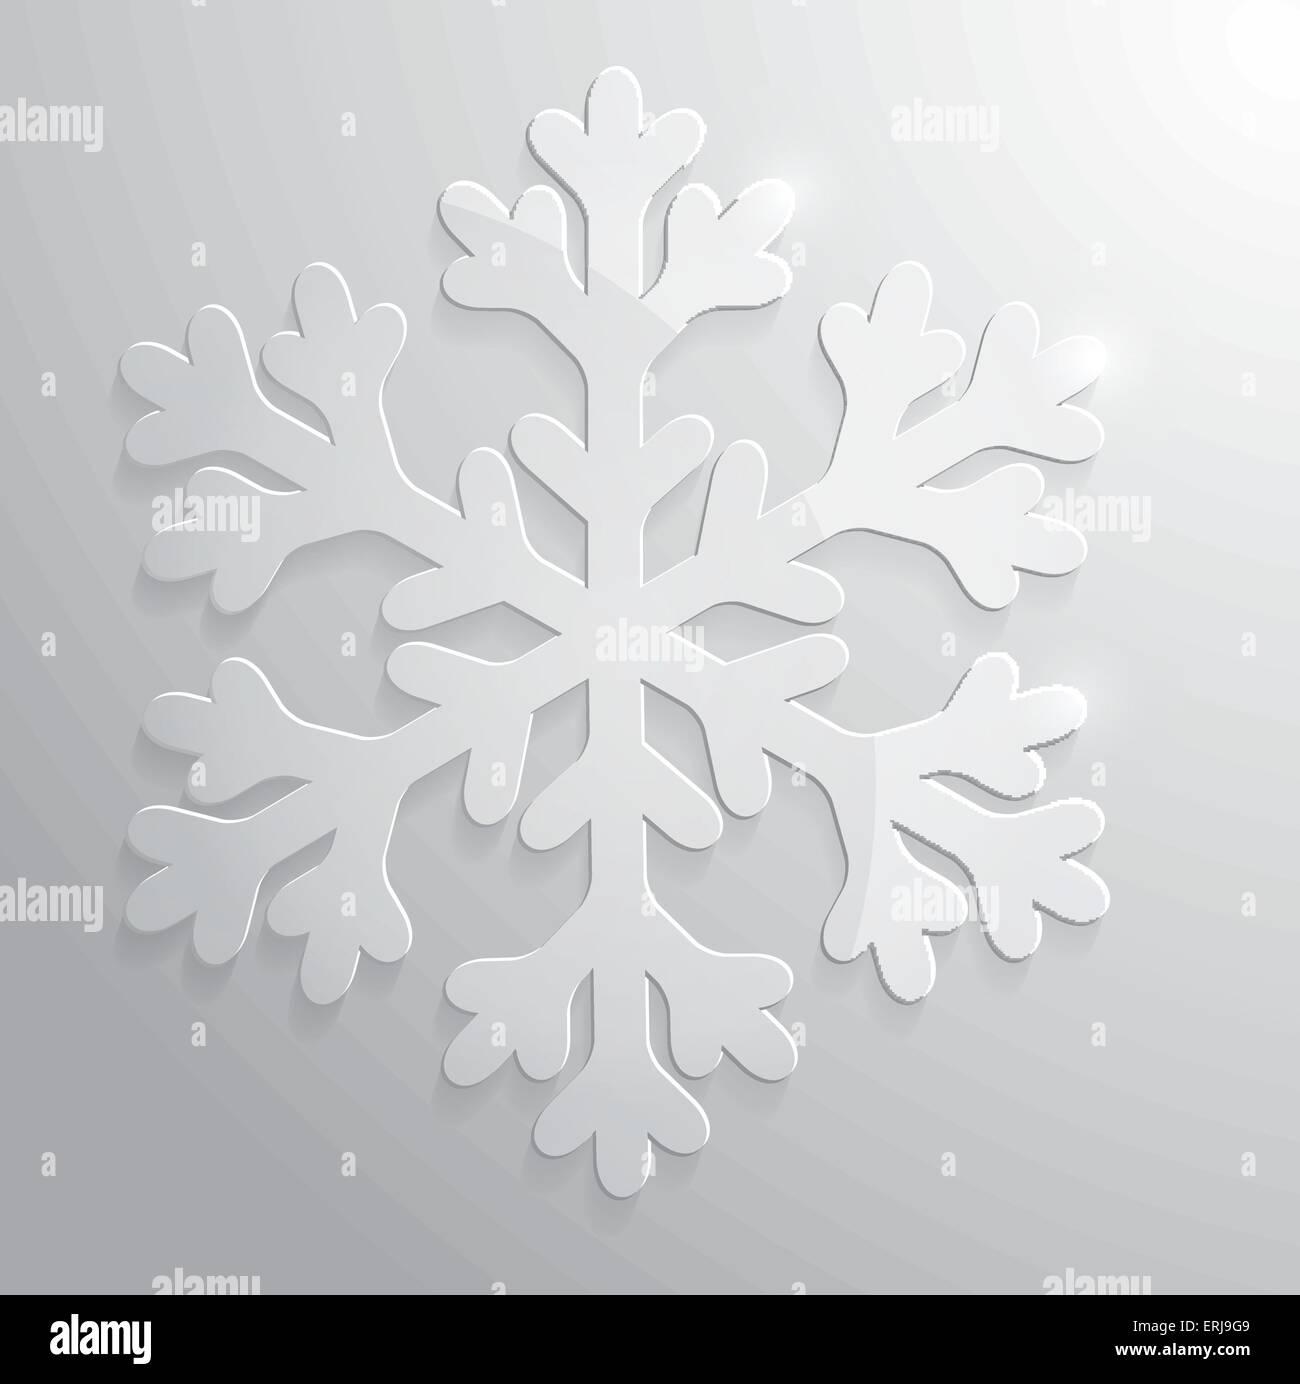 Glass snowflake. Christmas vector illustration eps10. - Stock Image